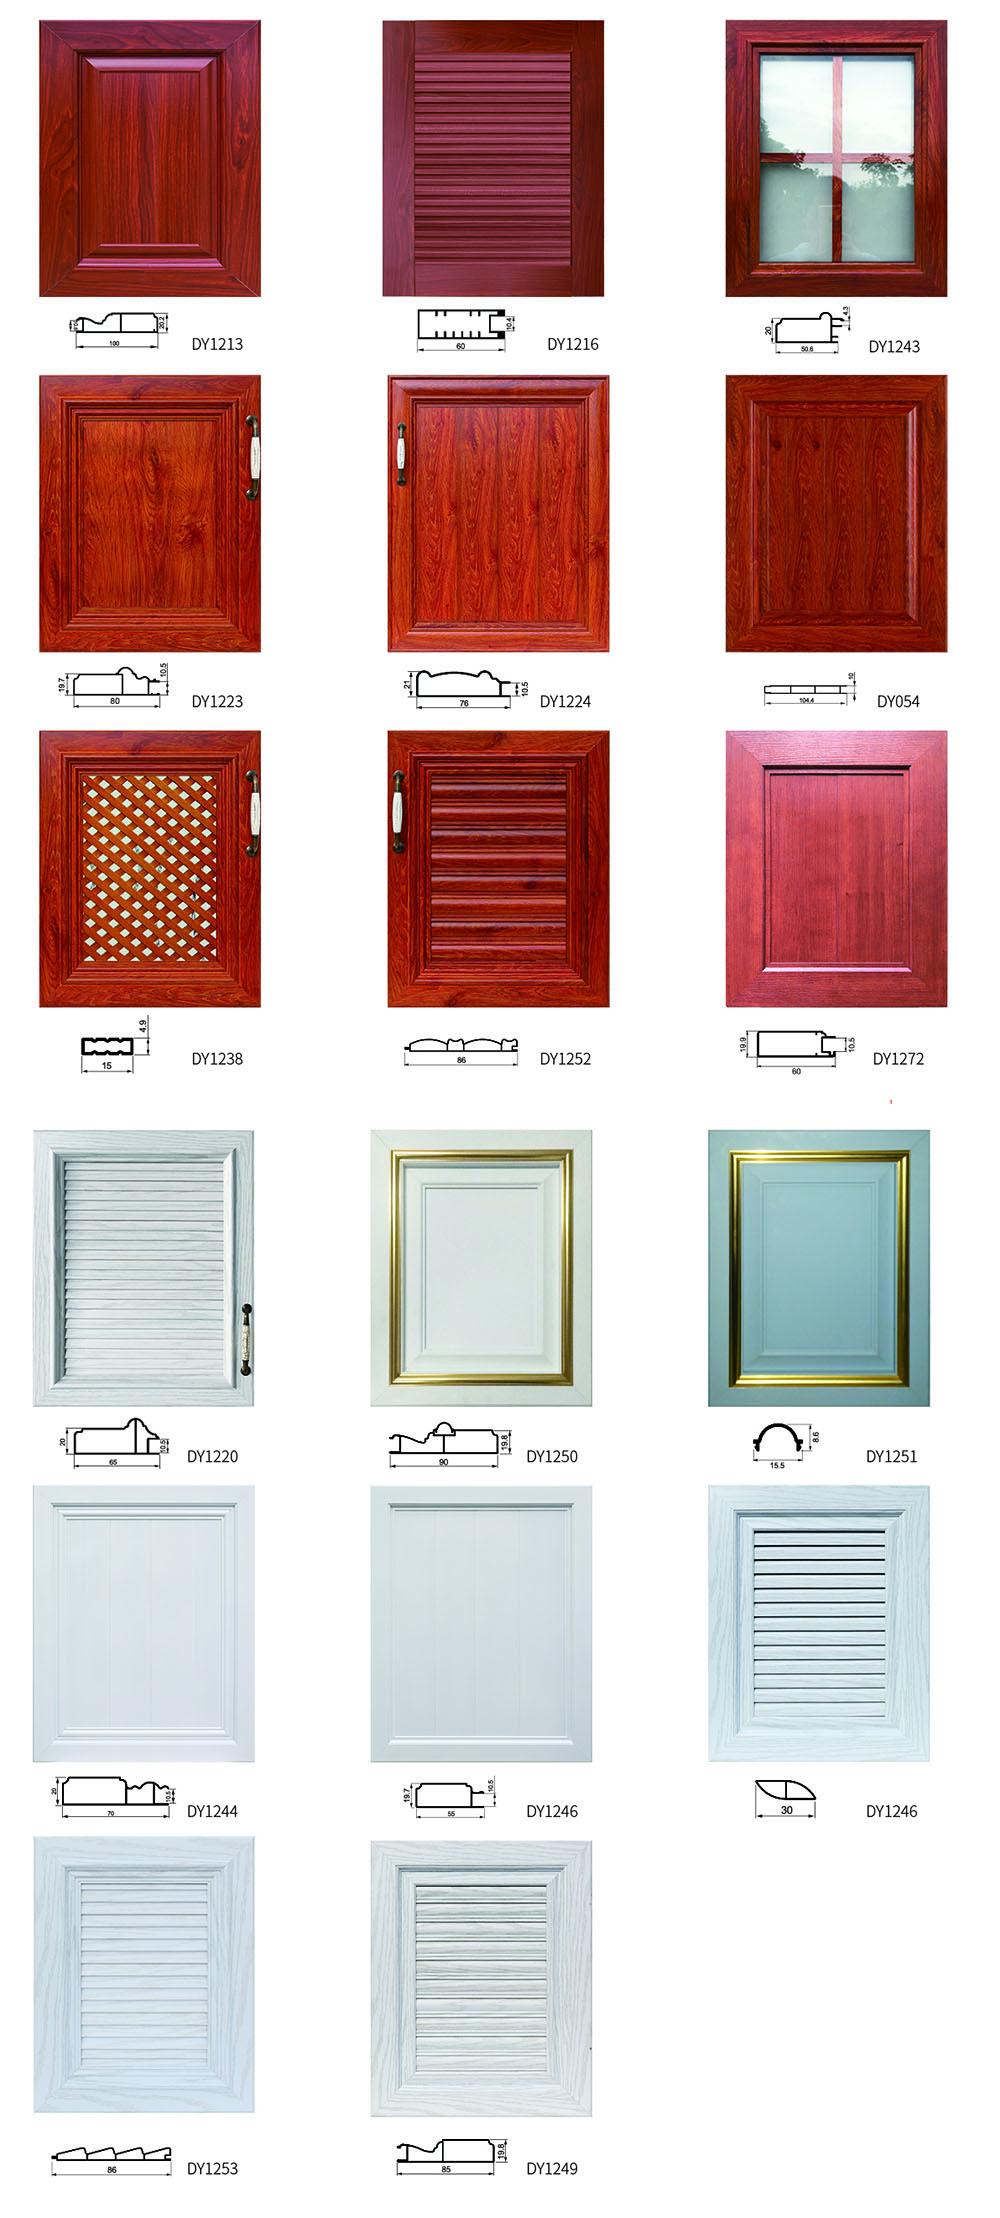 典亚铝业 全铝家居 全铝家具 全铝橱柜